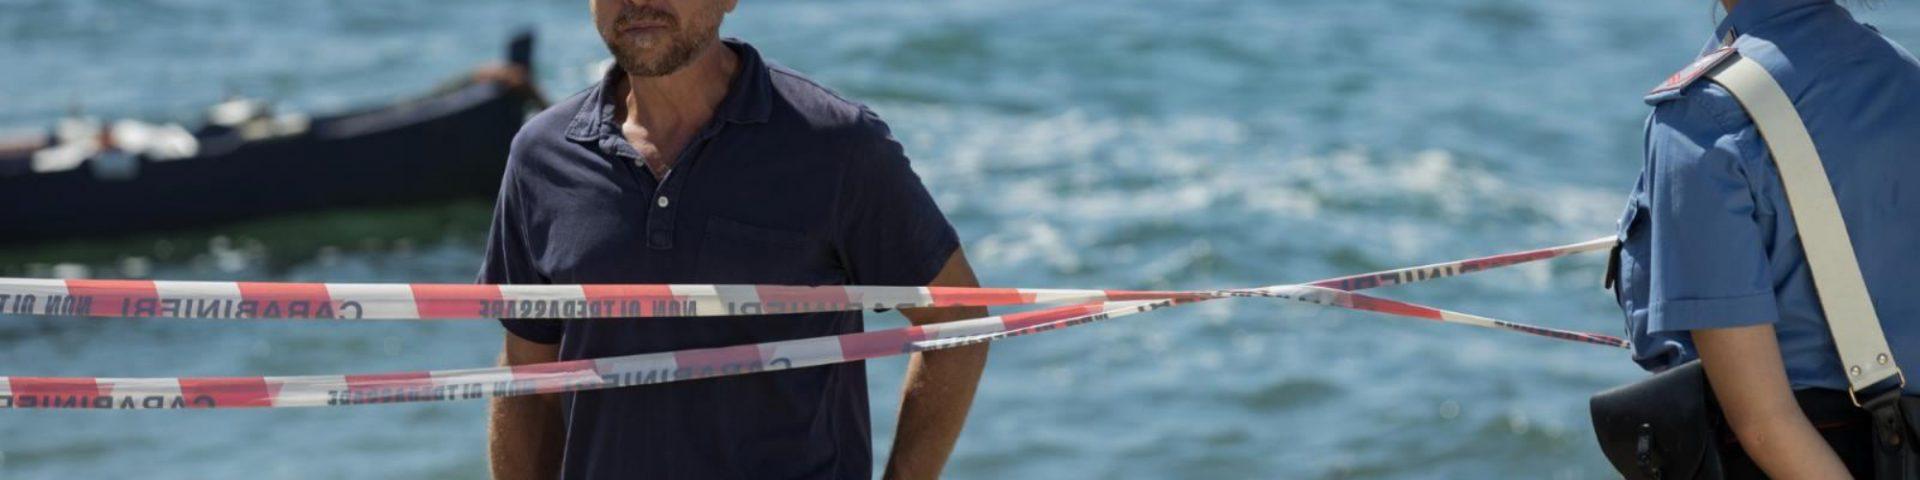 Replica in TV: quando e dove rivedere Màkari